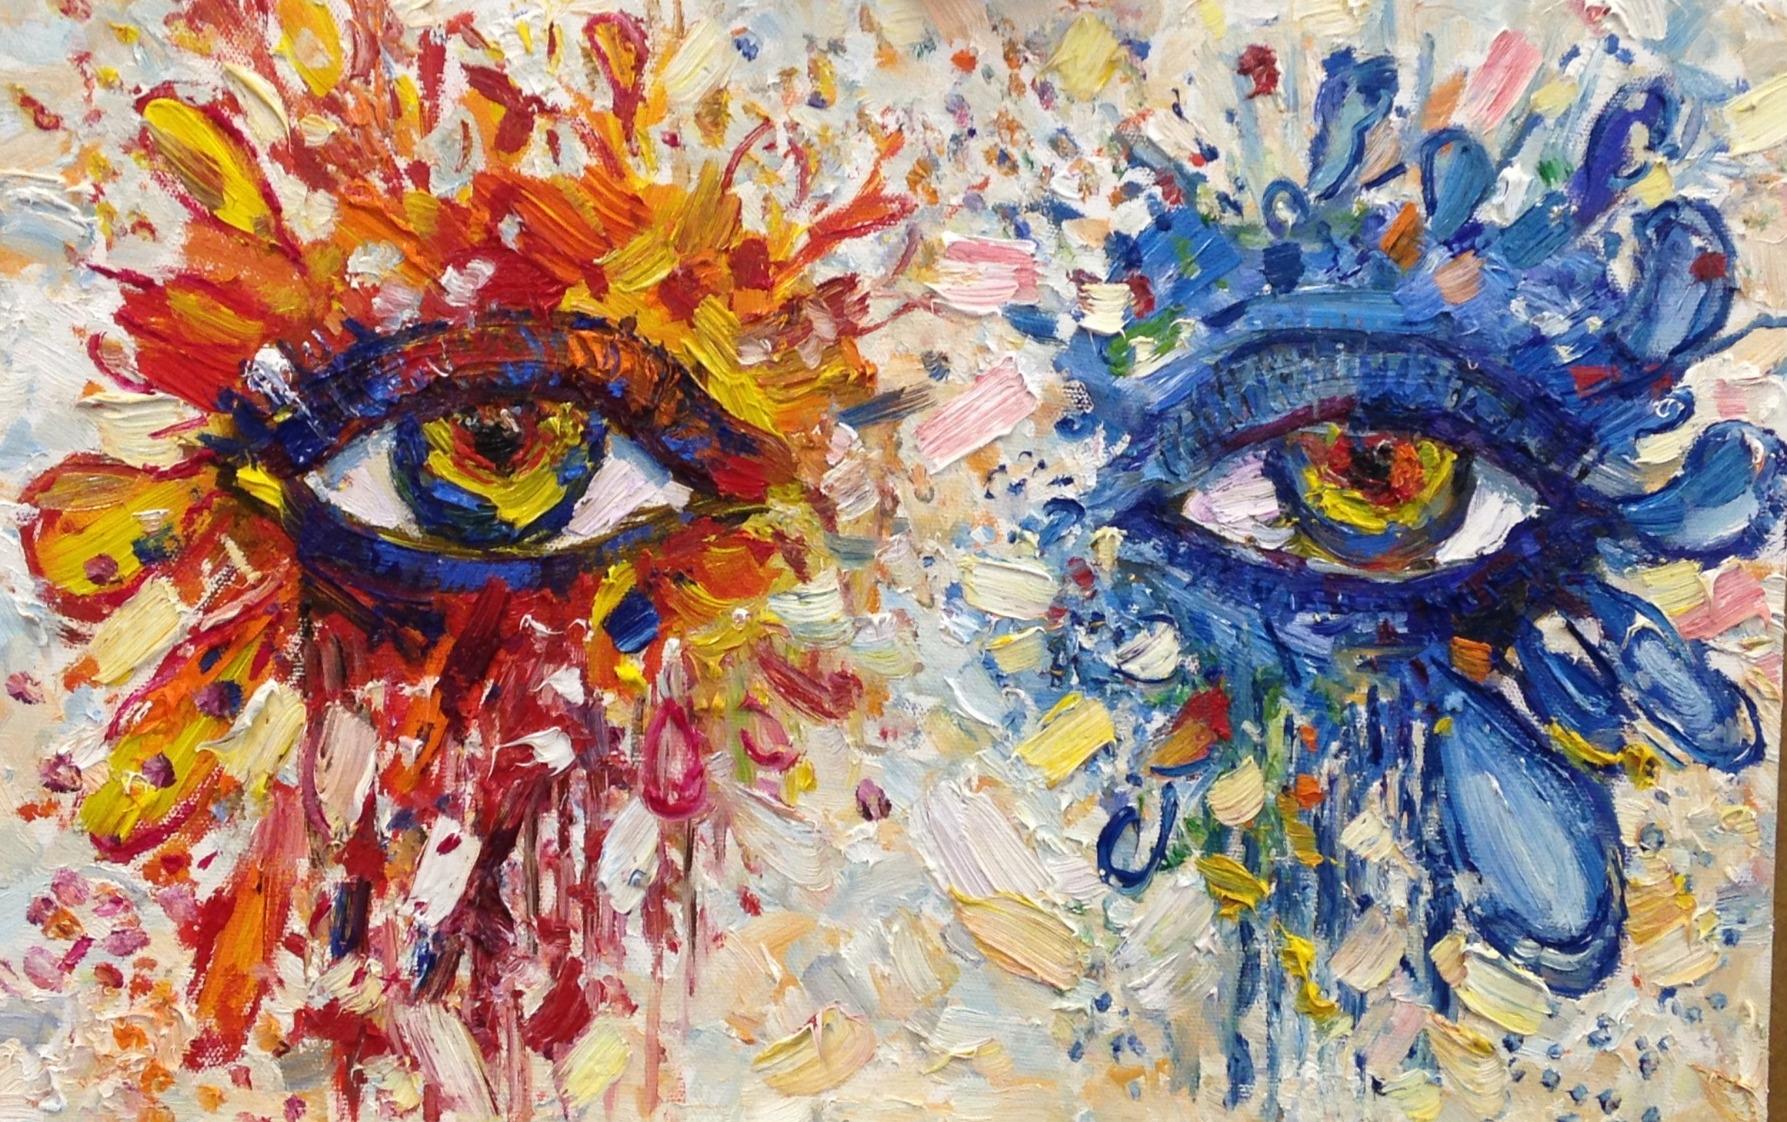 художник Екатерина Егорова